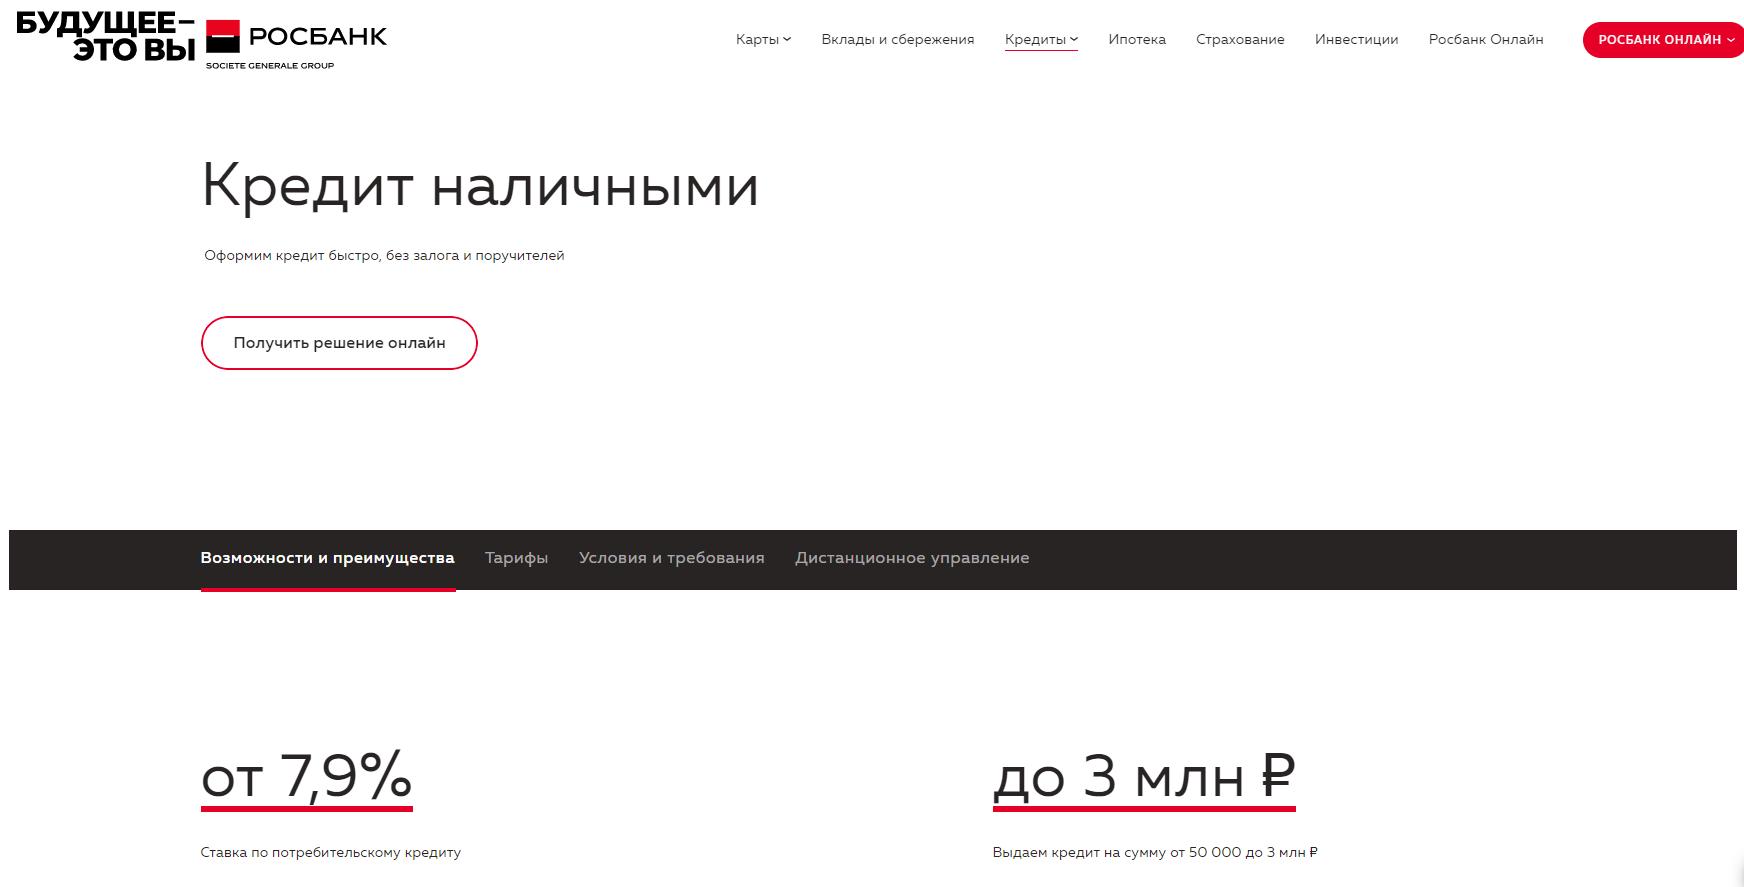 Росбанк онлайн заявка на кредит официальный сайт банк восточный экспресс онлайн заявка на кредит